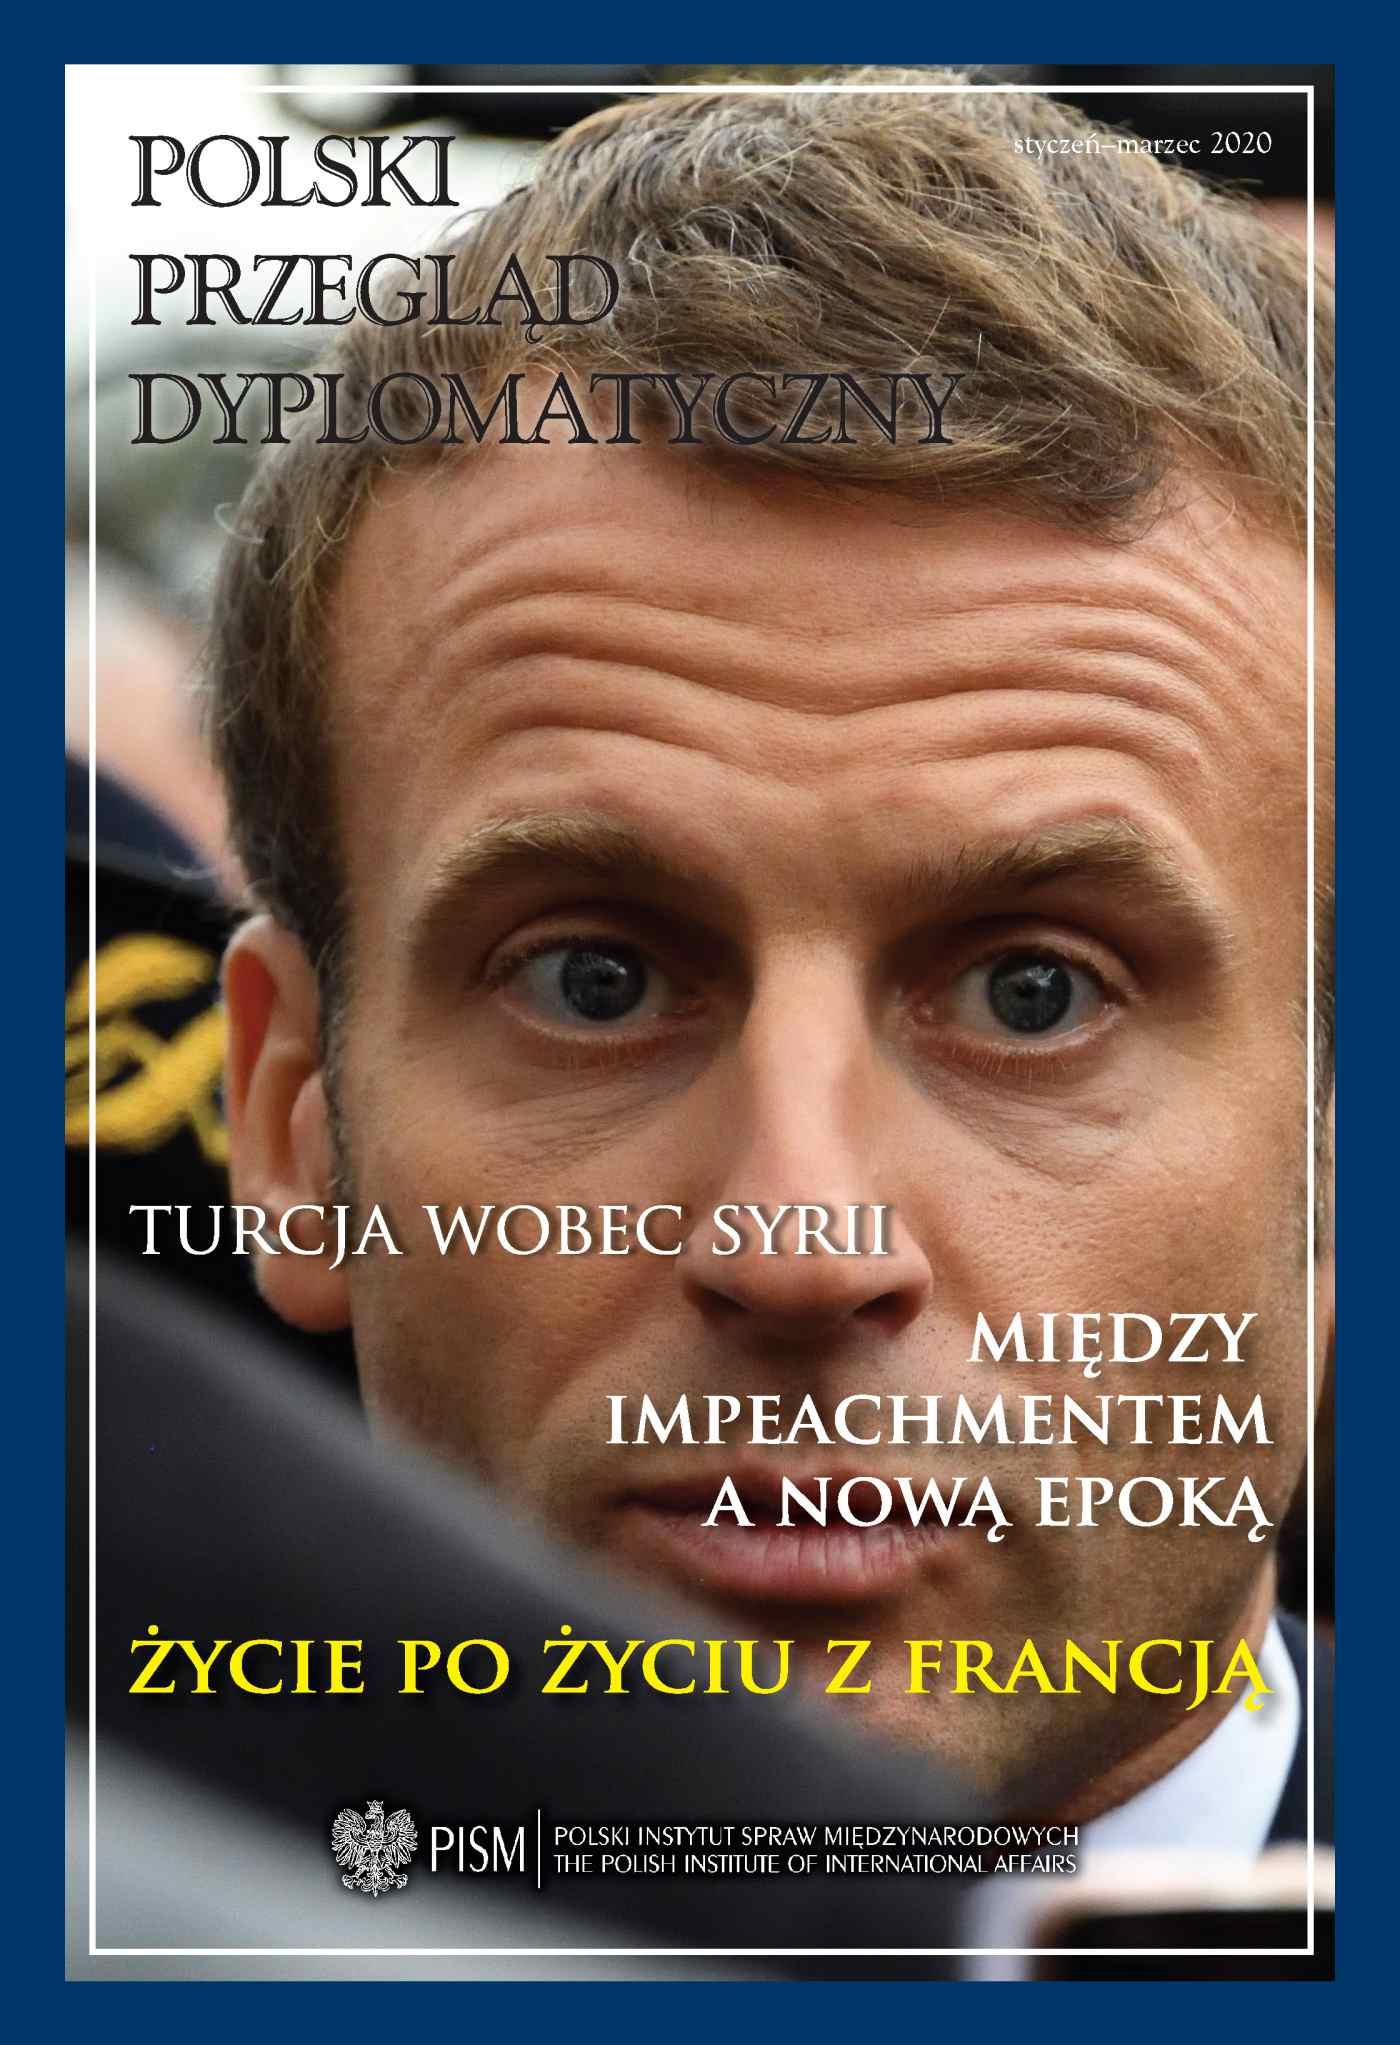 Polski Przegląd Dyplomatyczny, nr 1 / 2020 - Ebook (Książka PDF) do pobrania w formacie PDF